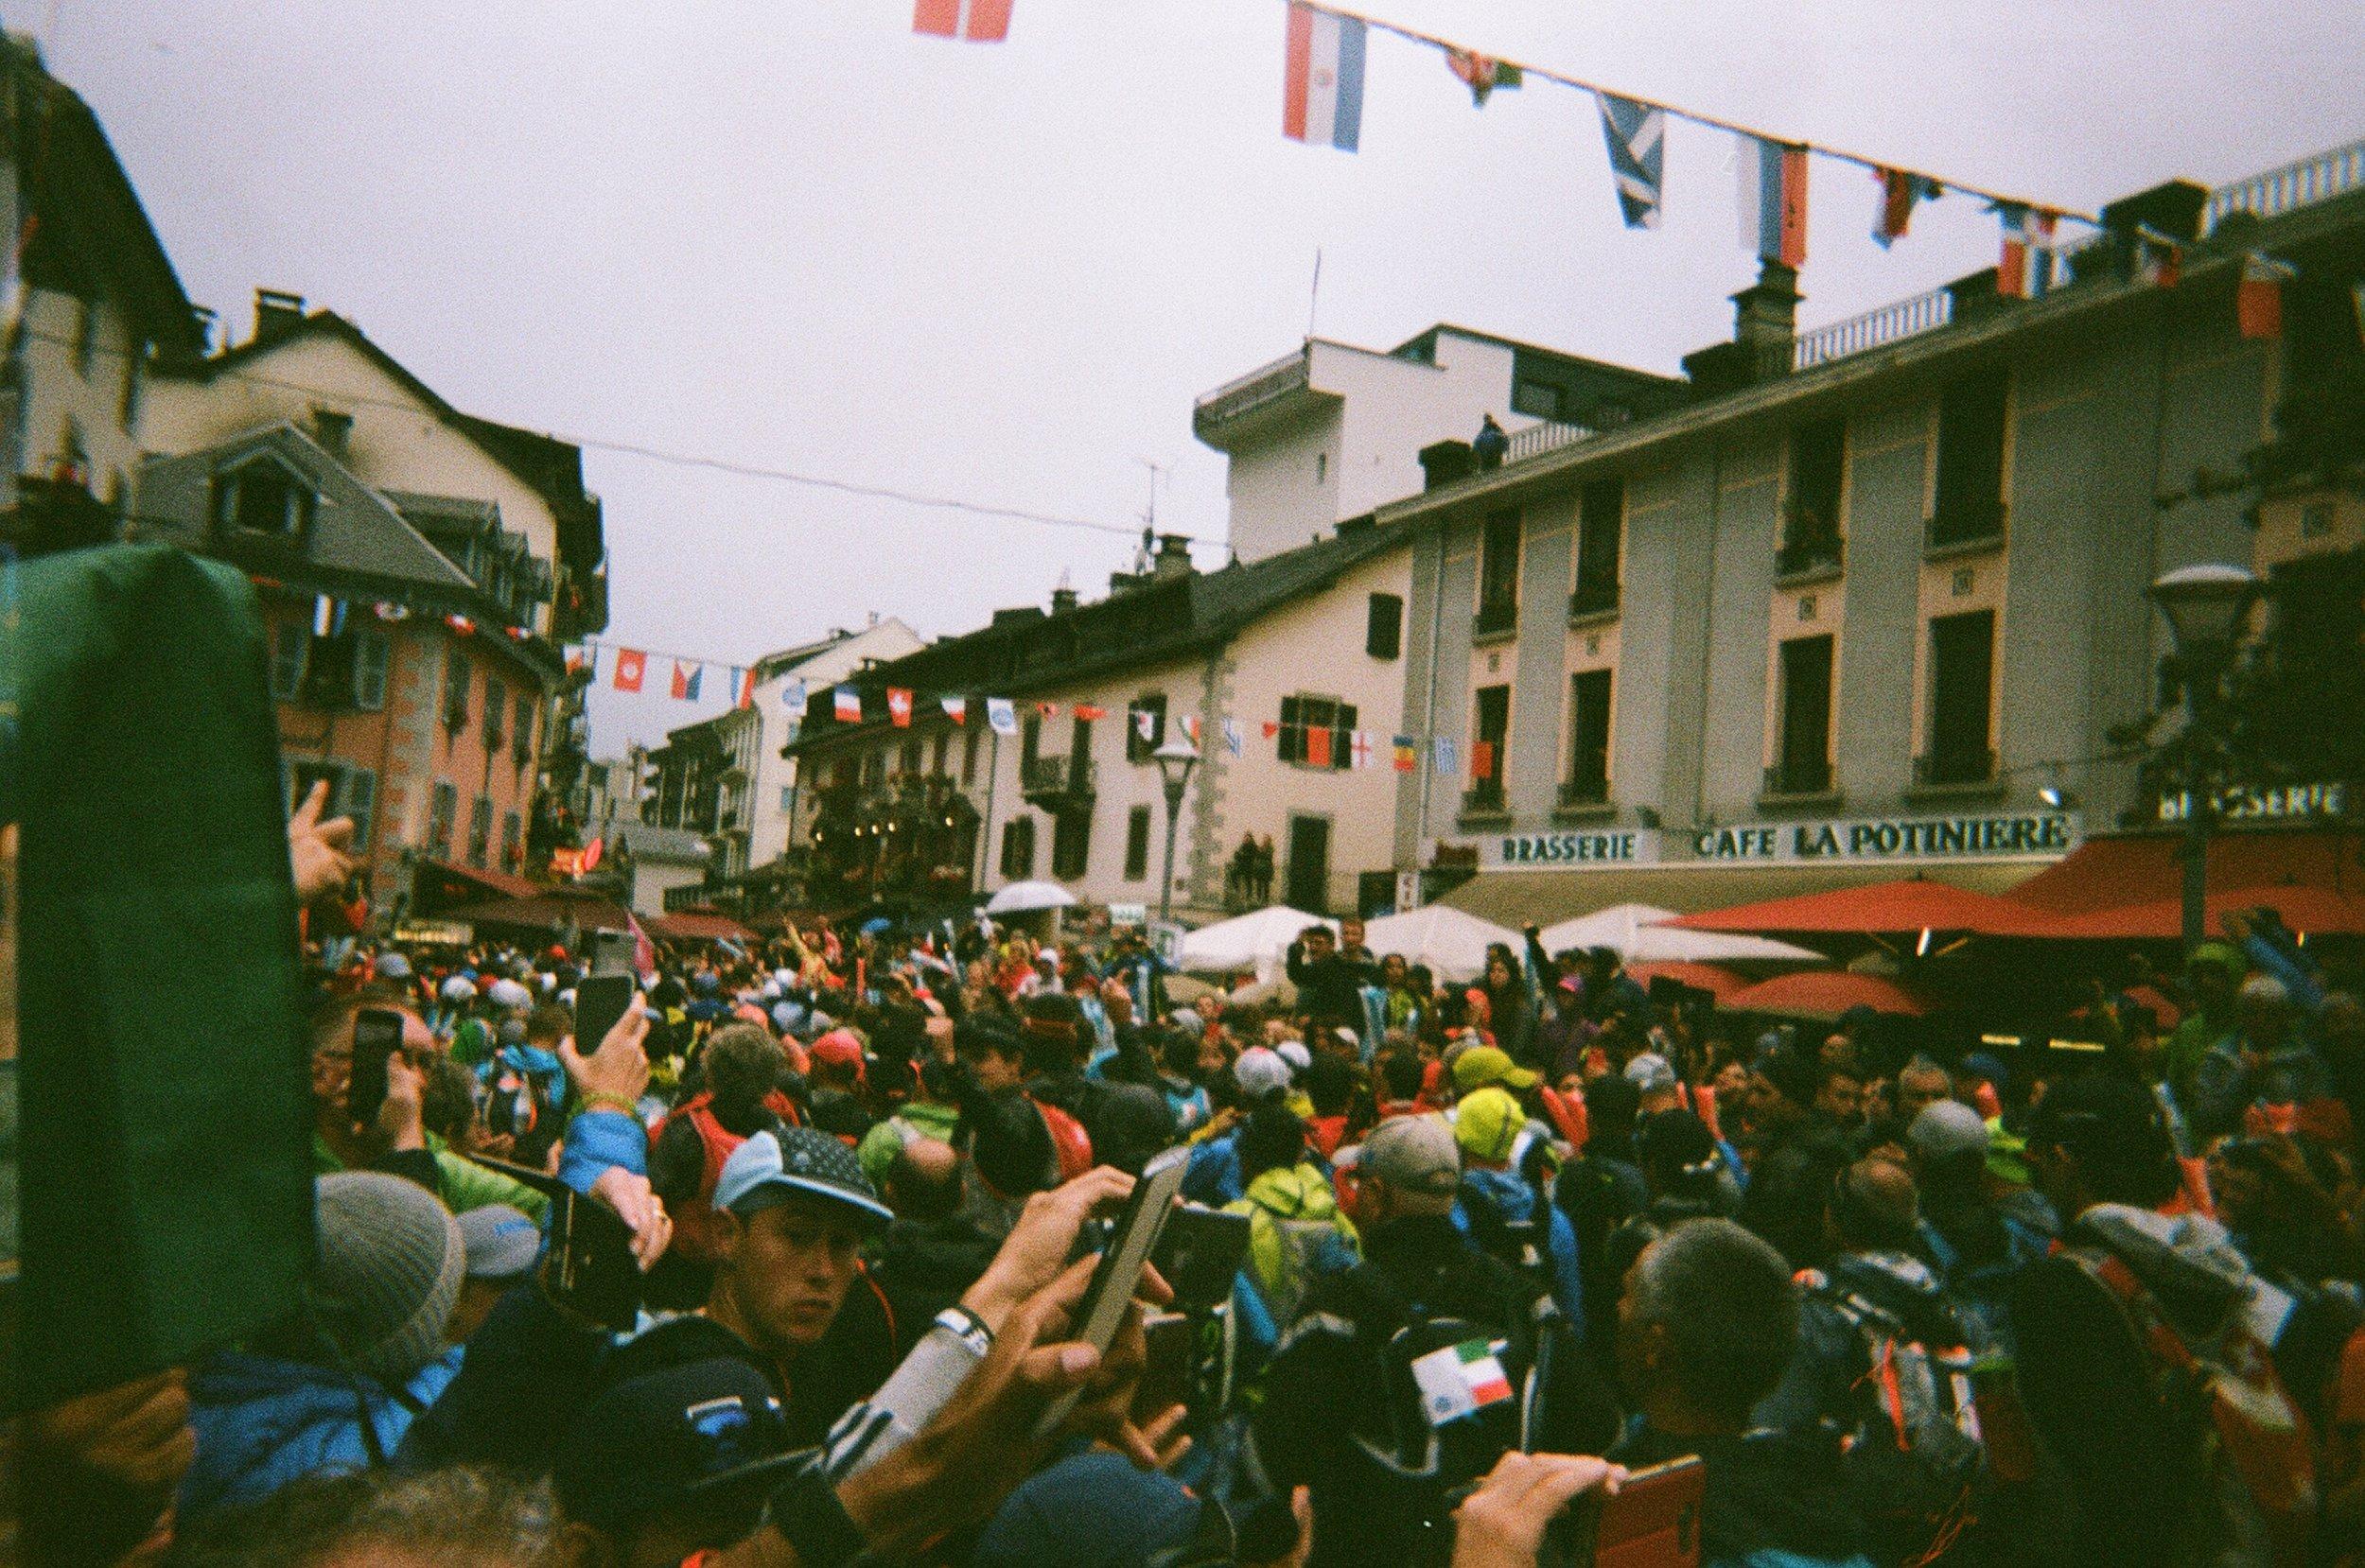 Nicki-Lange-Ultra-Trail-Du-Mont-Blanc-2018-15.jpg